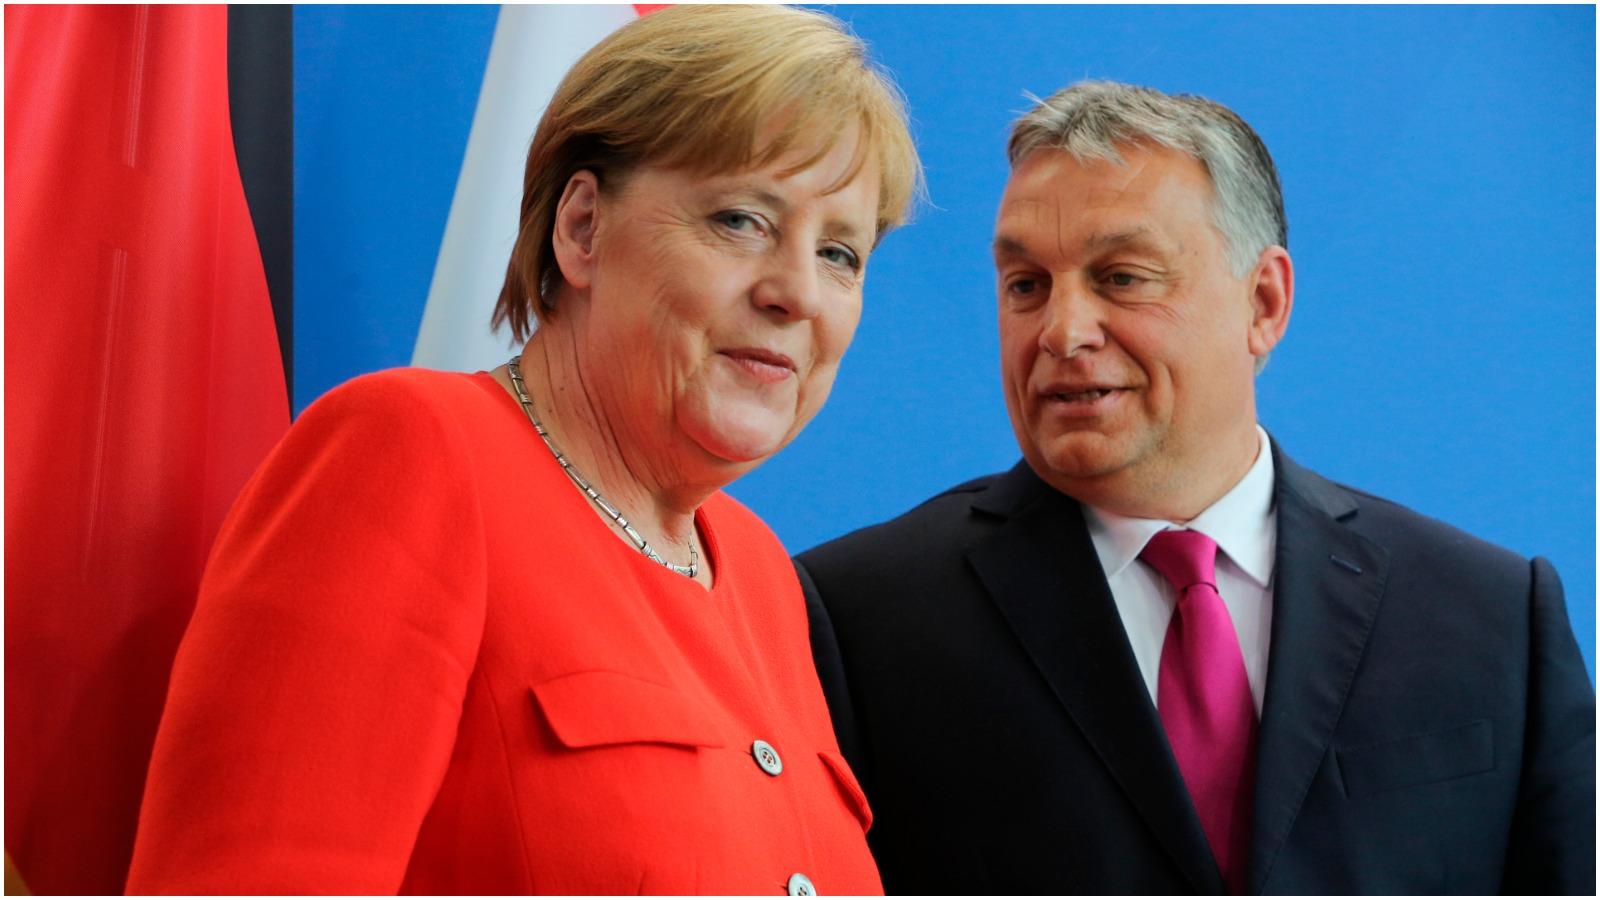 <font color=00008>Ota Tiefenböck i RÆSON35:</font color> Nu udfordrer Østeuropa for alvor den vesteuropæiske liberalisme. Og mange vesteuropæere er helt enige i kritikken